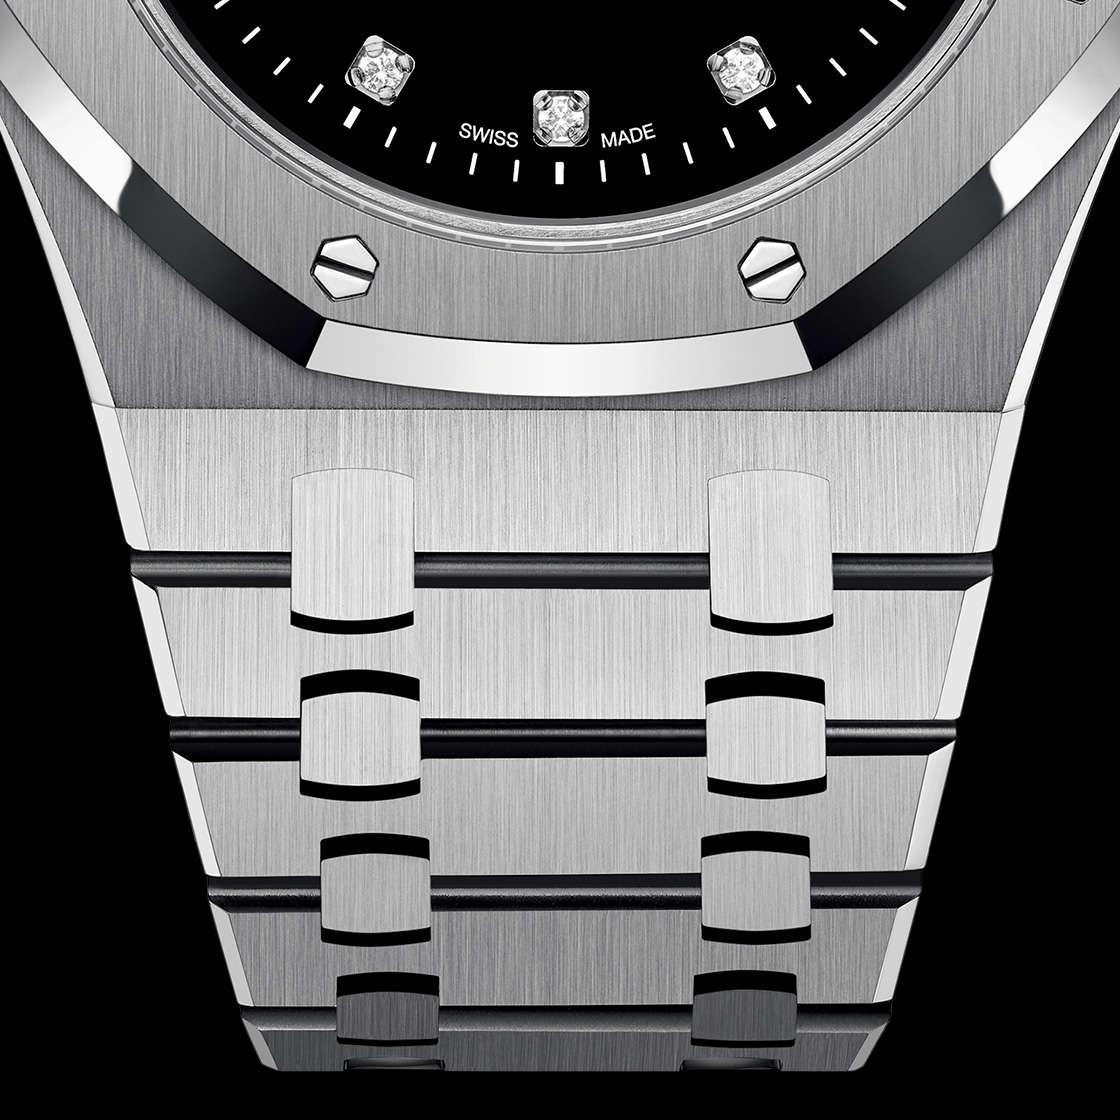 Audemars Piguet Royal Oak Jumbo Extra-Thin Yoshida Platinum Diamond Dial 15206PT